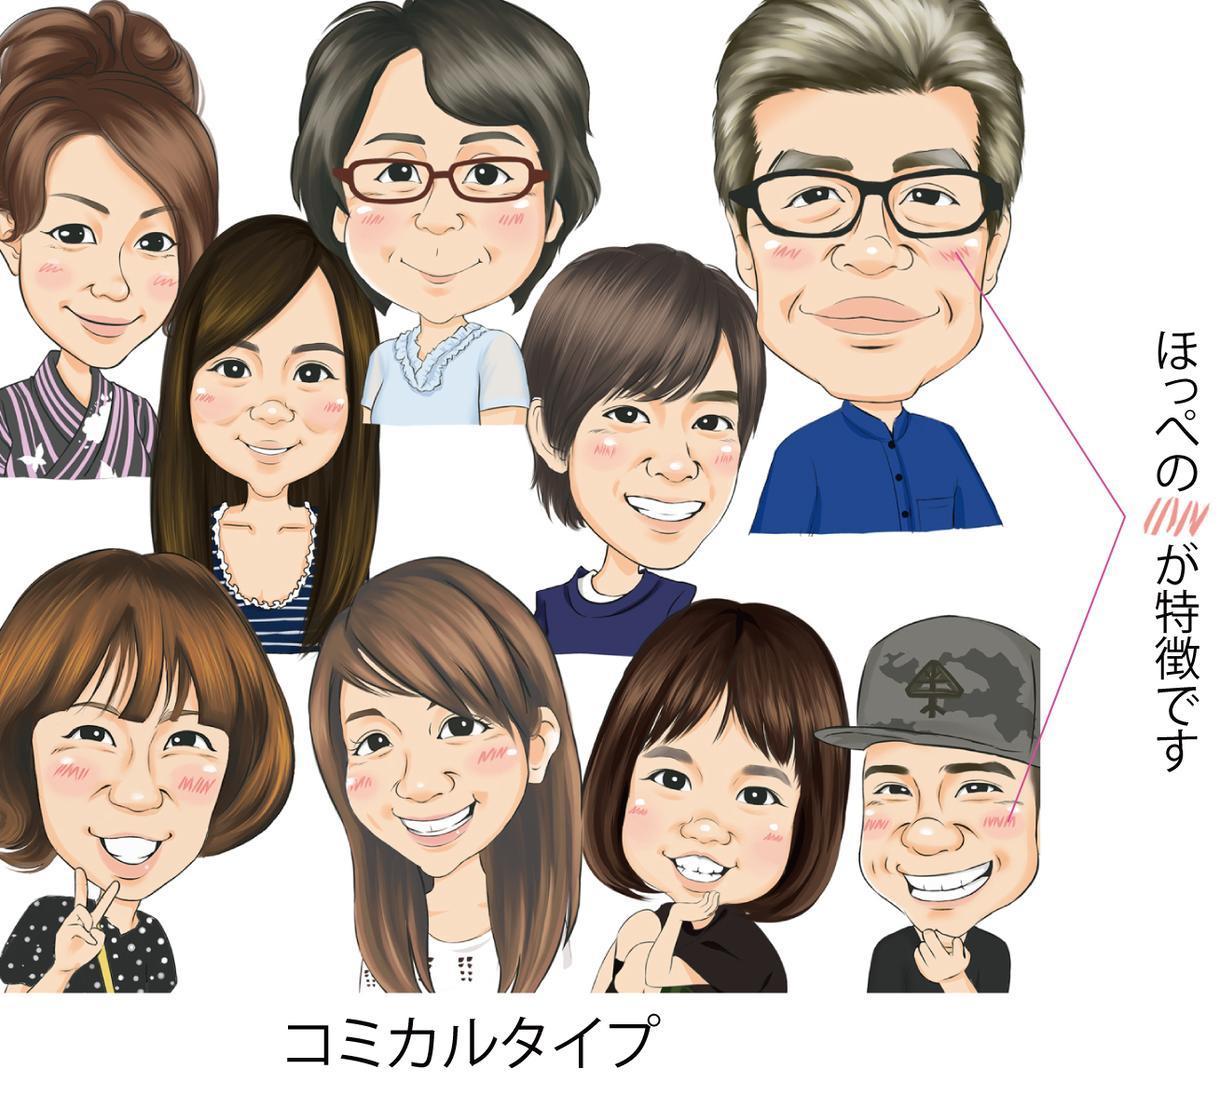 2(コミカルタイプ)の顔をお描きします 追加料金1000円でバストアップまでお描き出来ます。